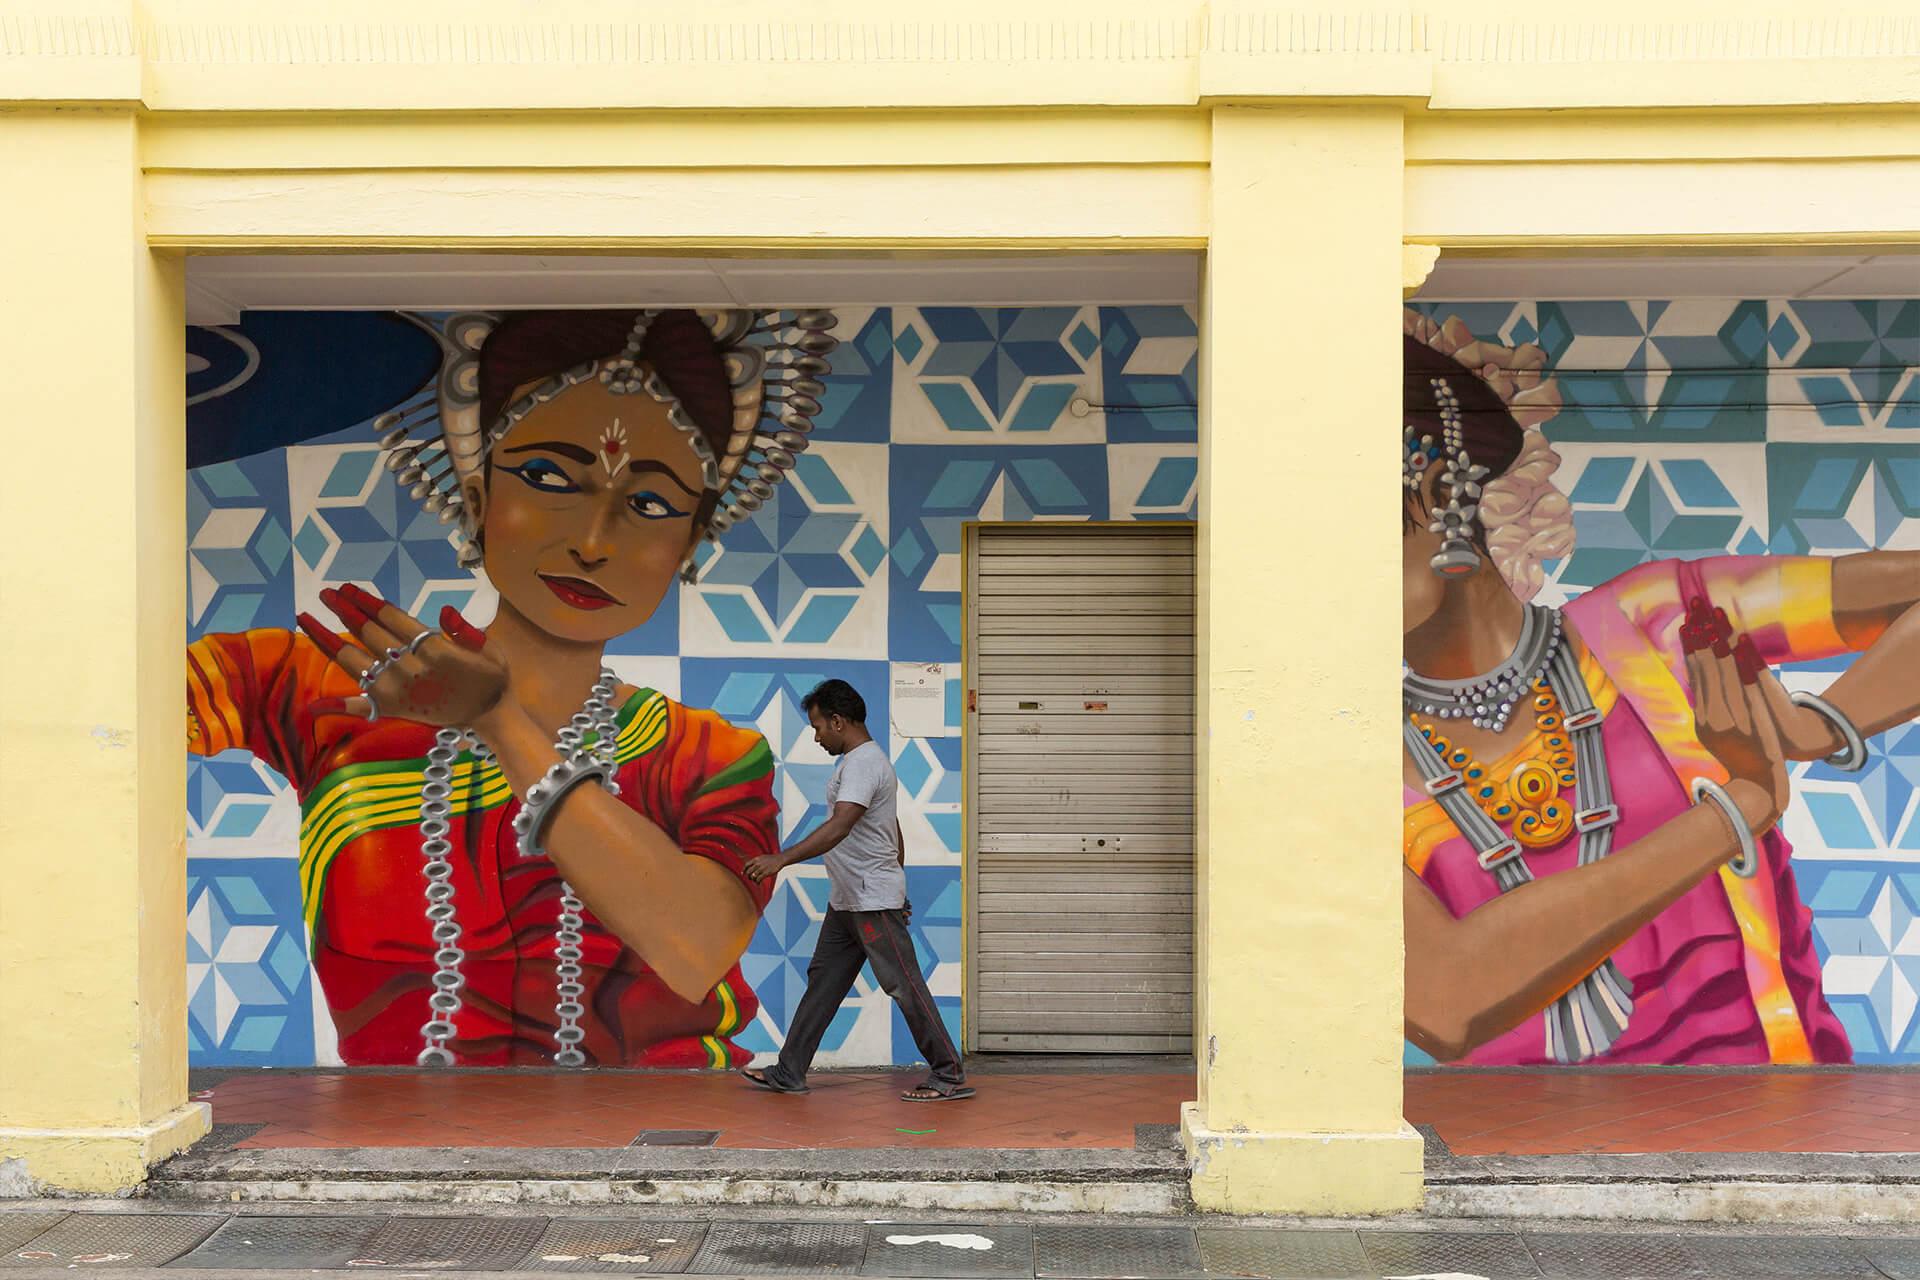 新加坡的小印度,是新加坡文化旅遊新熱點,而這種有地區特色的文化區域,跟藝博會互相依存。